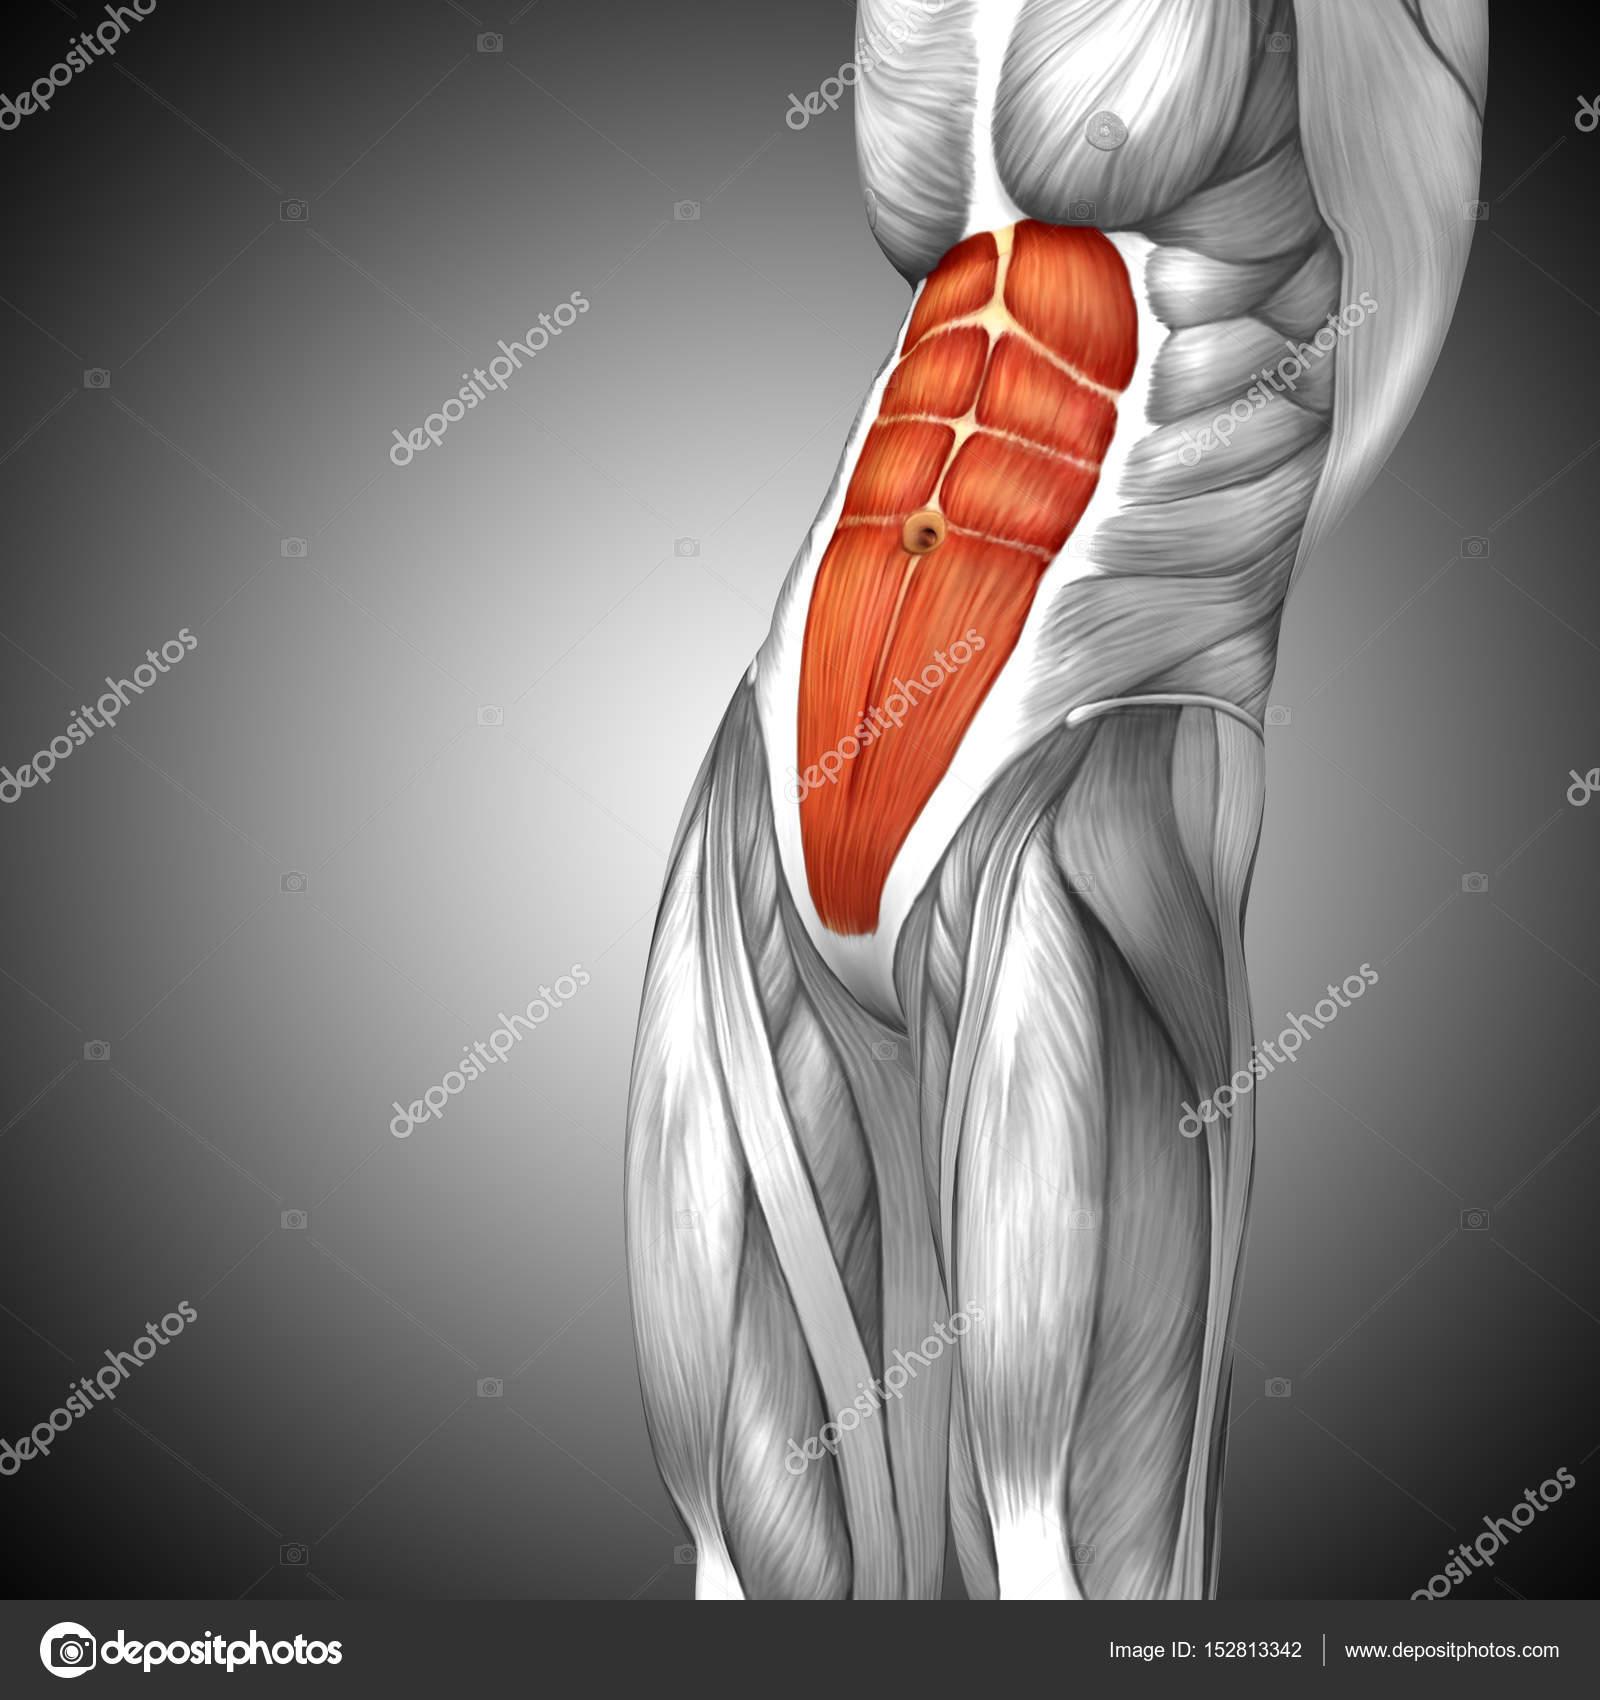 Anatomie der menschlichen Brust — Stockfoto © design36 #152813342